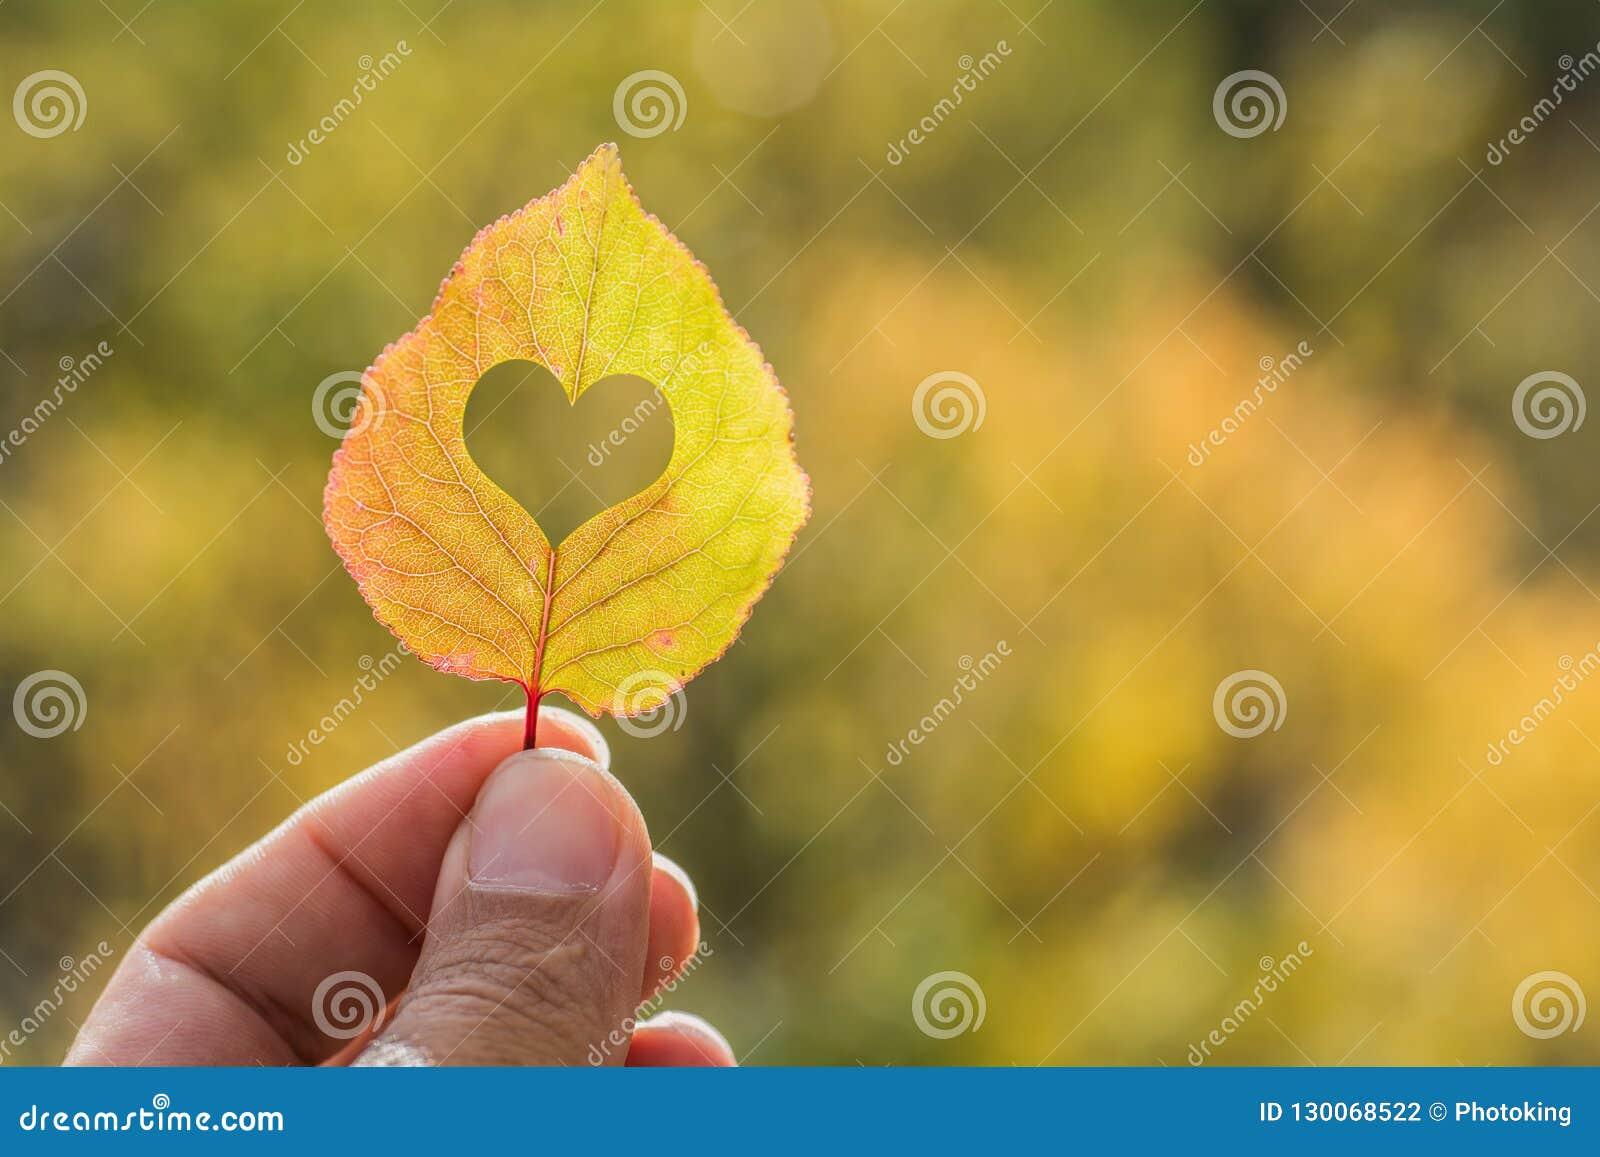 手中秋天黄色的叶子